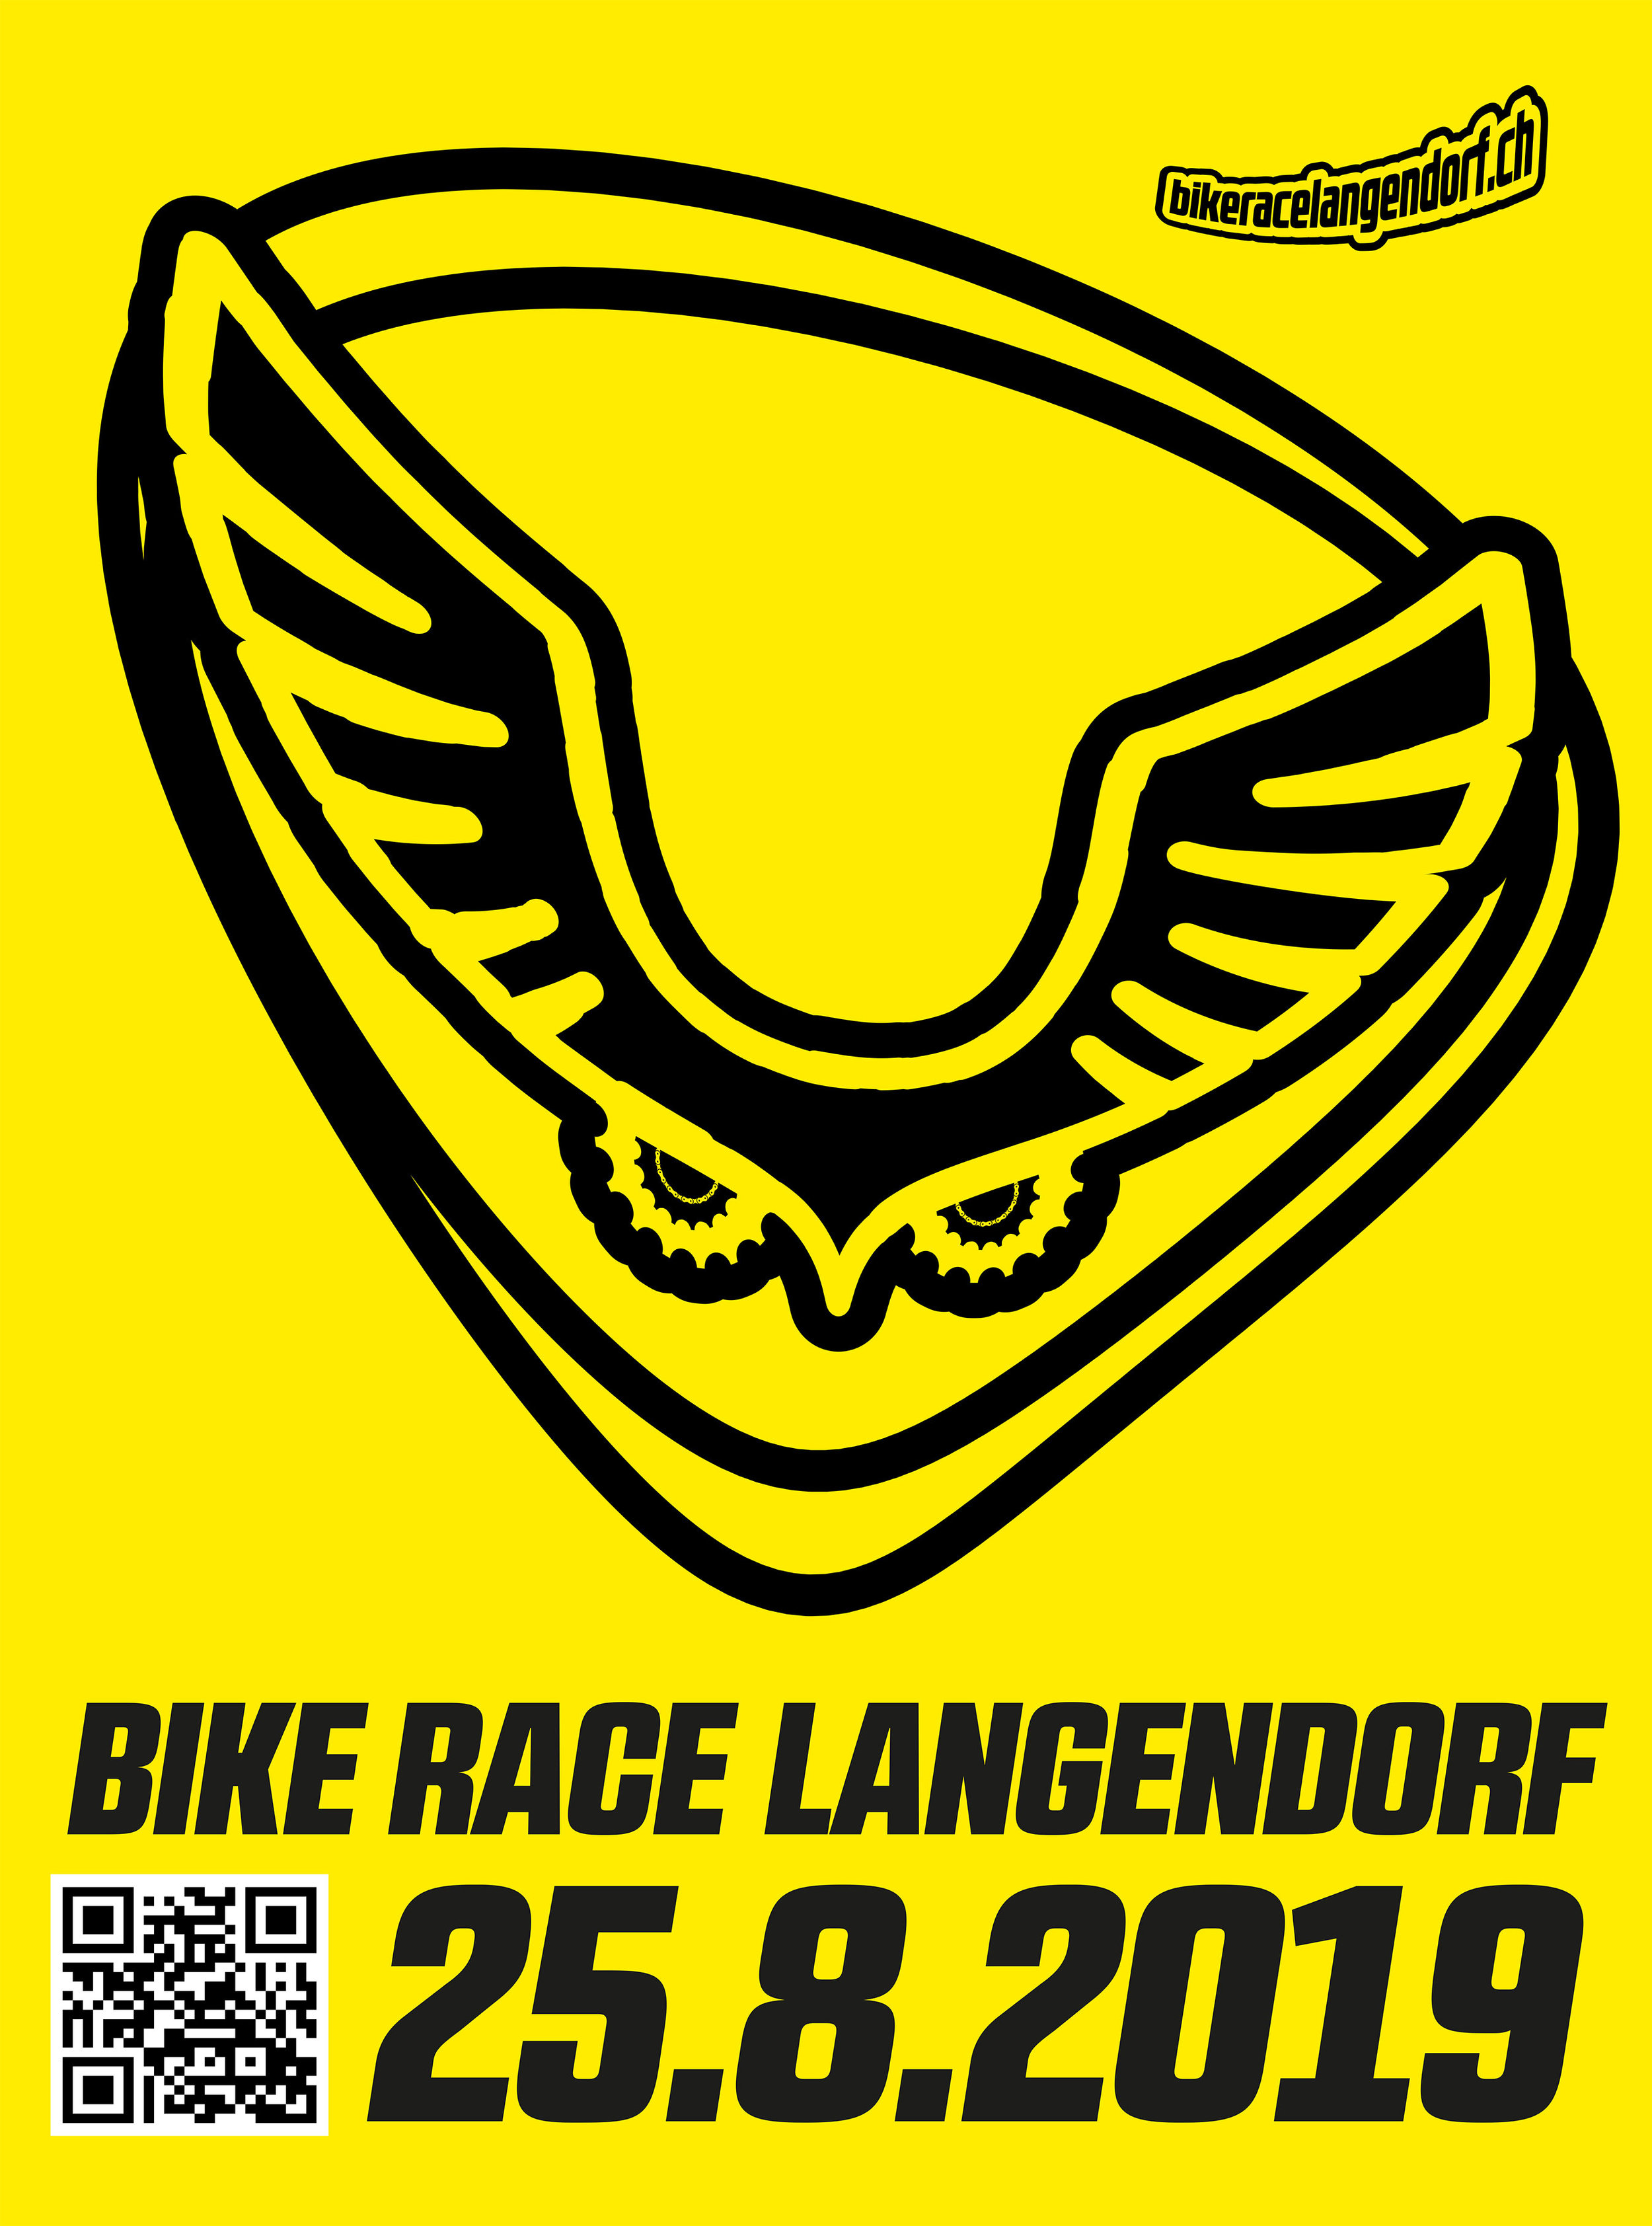 bikeracelangendorf.ch